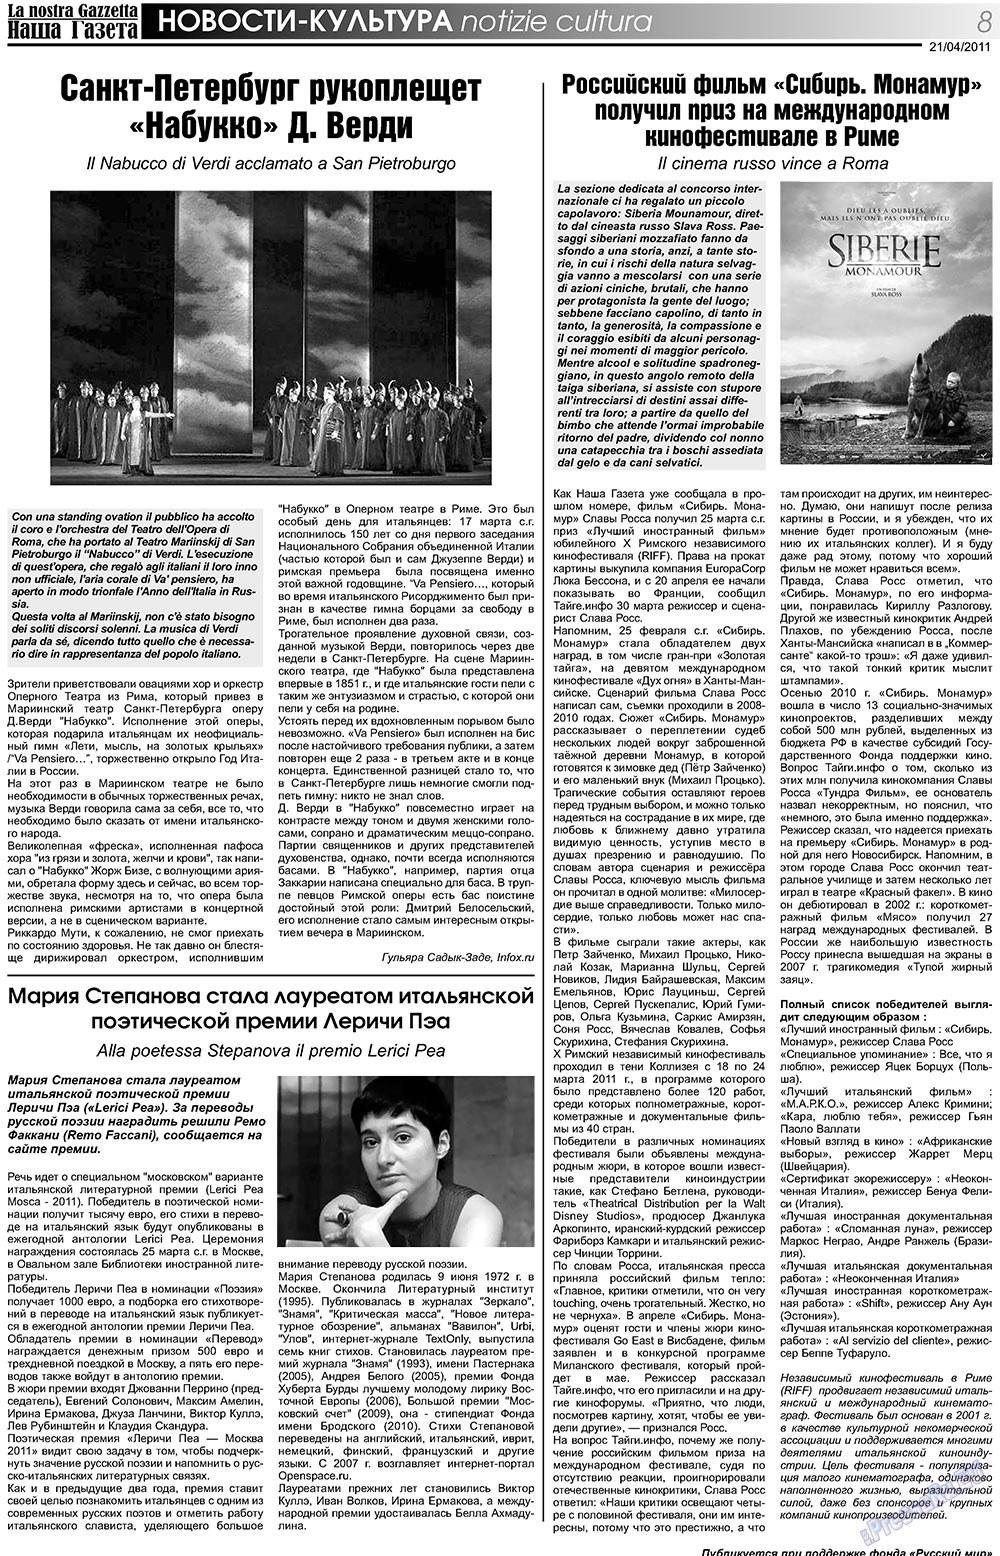 Наша Газета Италия (газета). 2011 год, номер 131, стр. 8